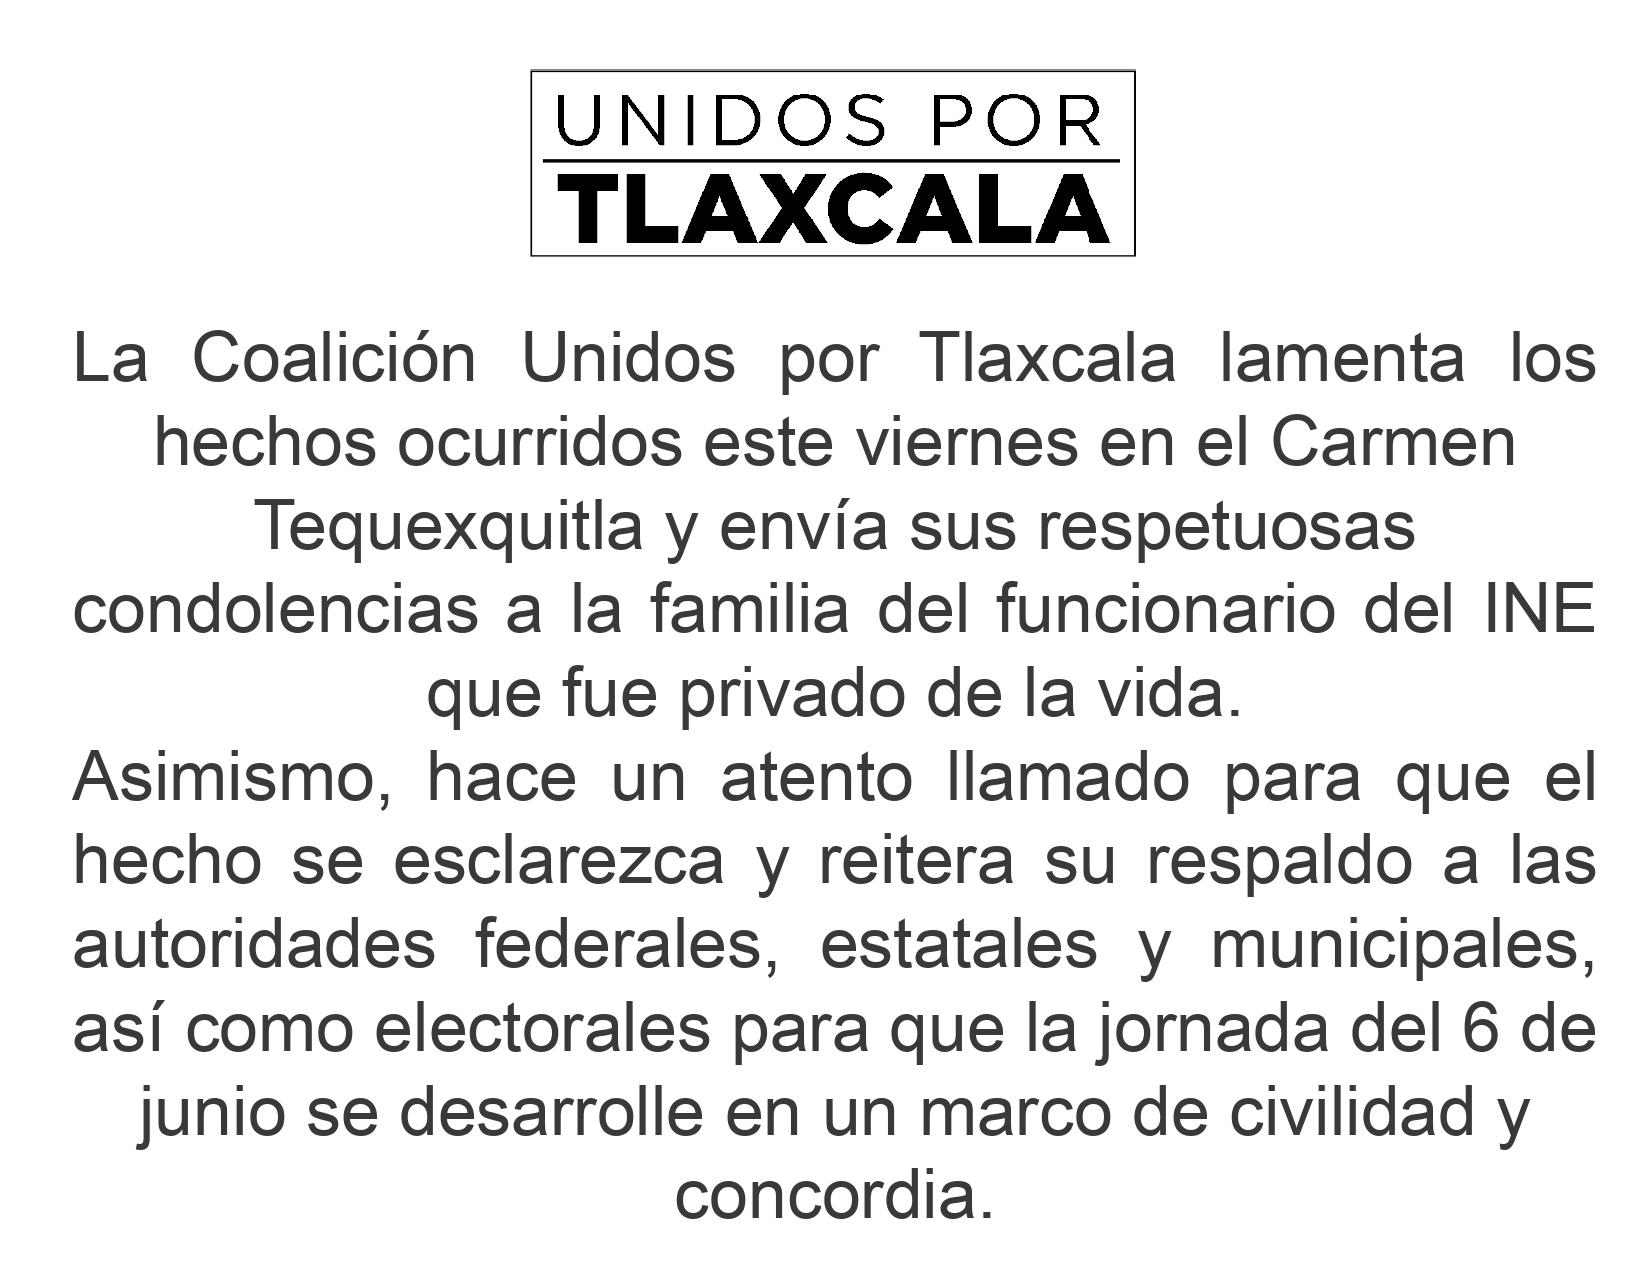 Coalición Unidos por Tlaxcala lamenta asesinato de empleado del INE